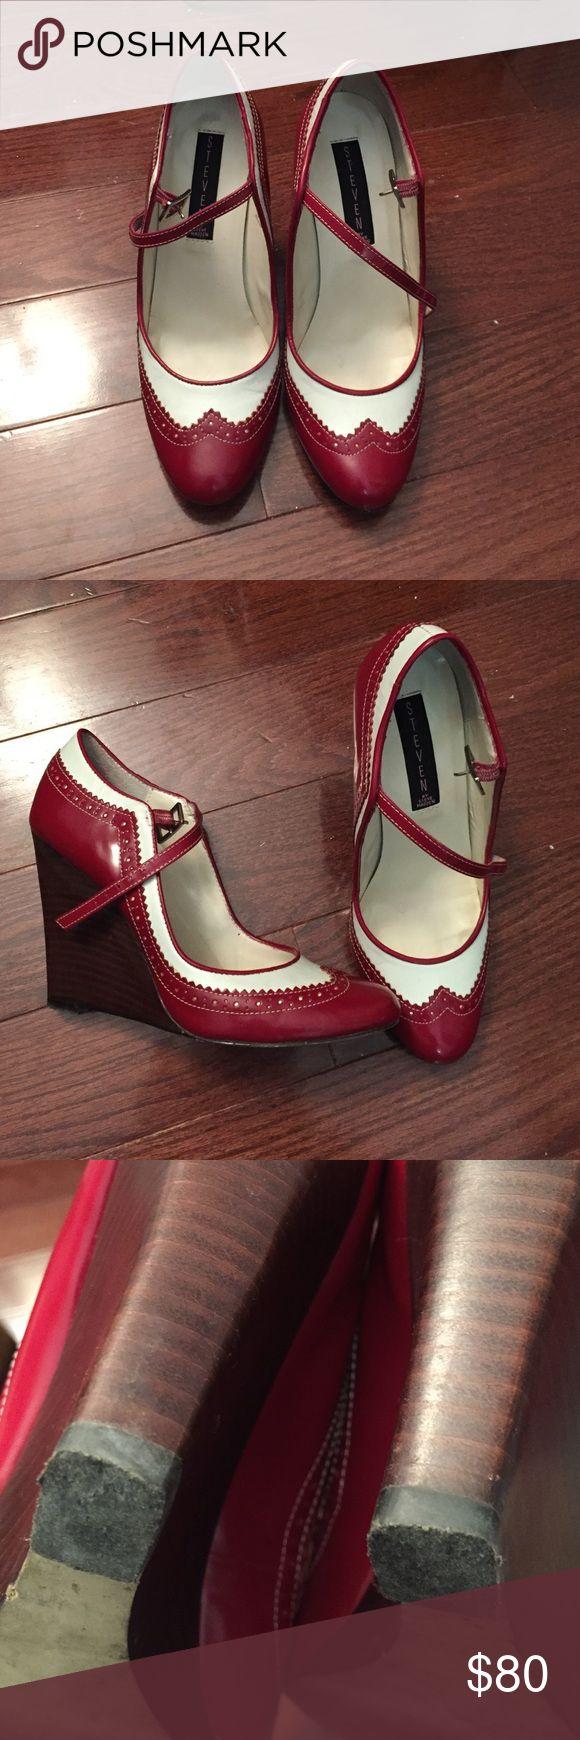 Steve Madden Platform Oxfords Wedge platform Steve Madden Shoes Wedges